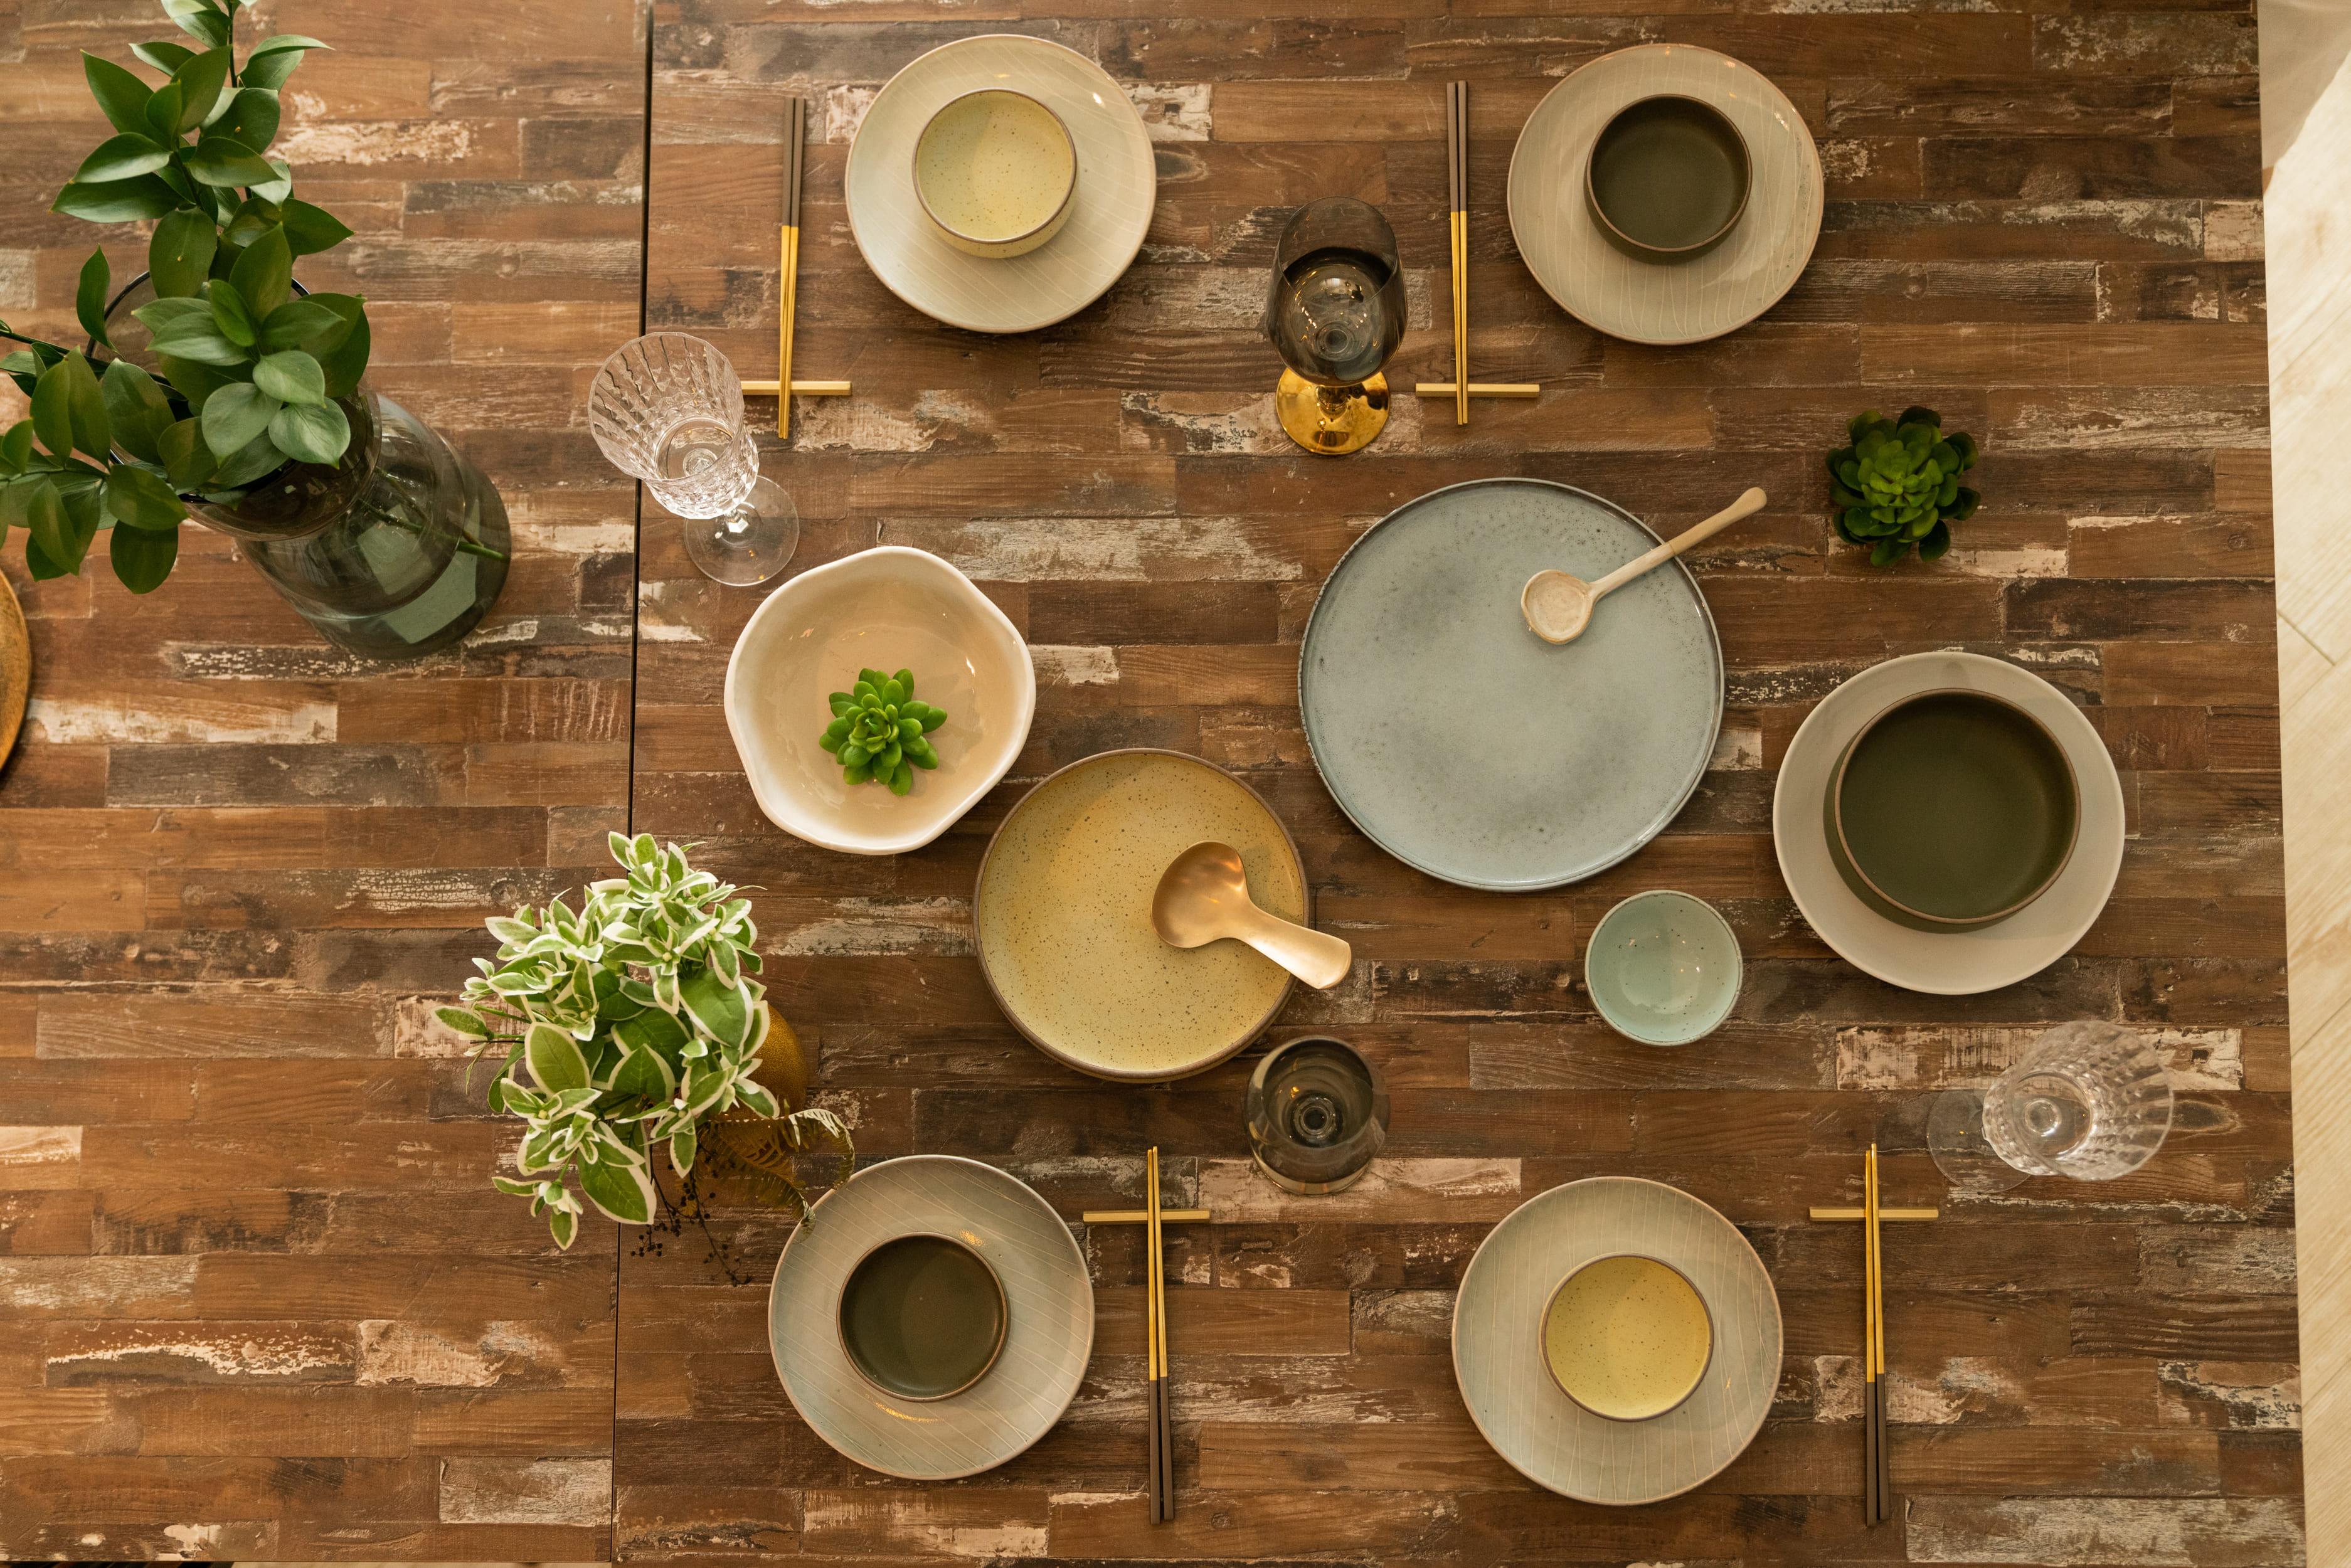 WAGA的餐具常以大地色系做搭配